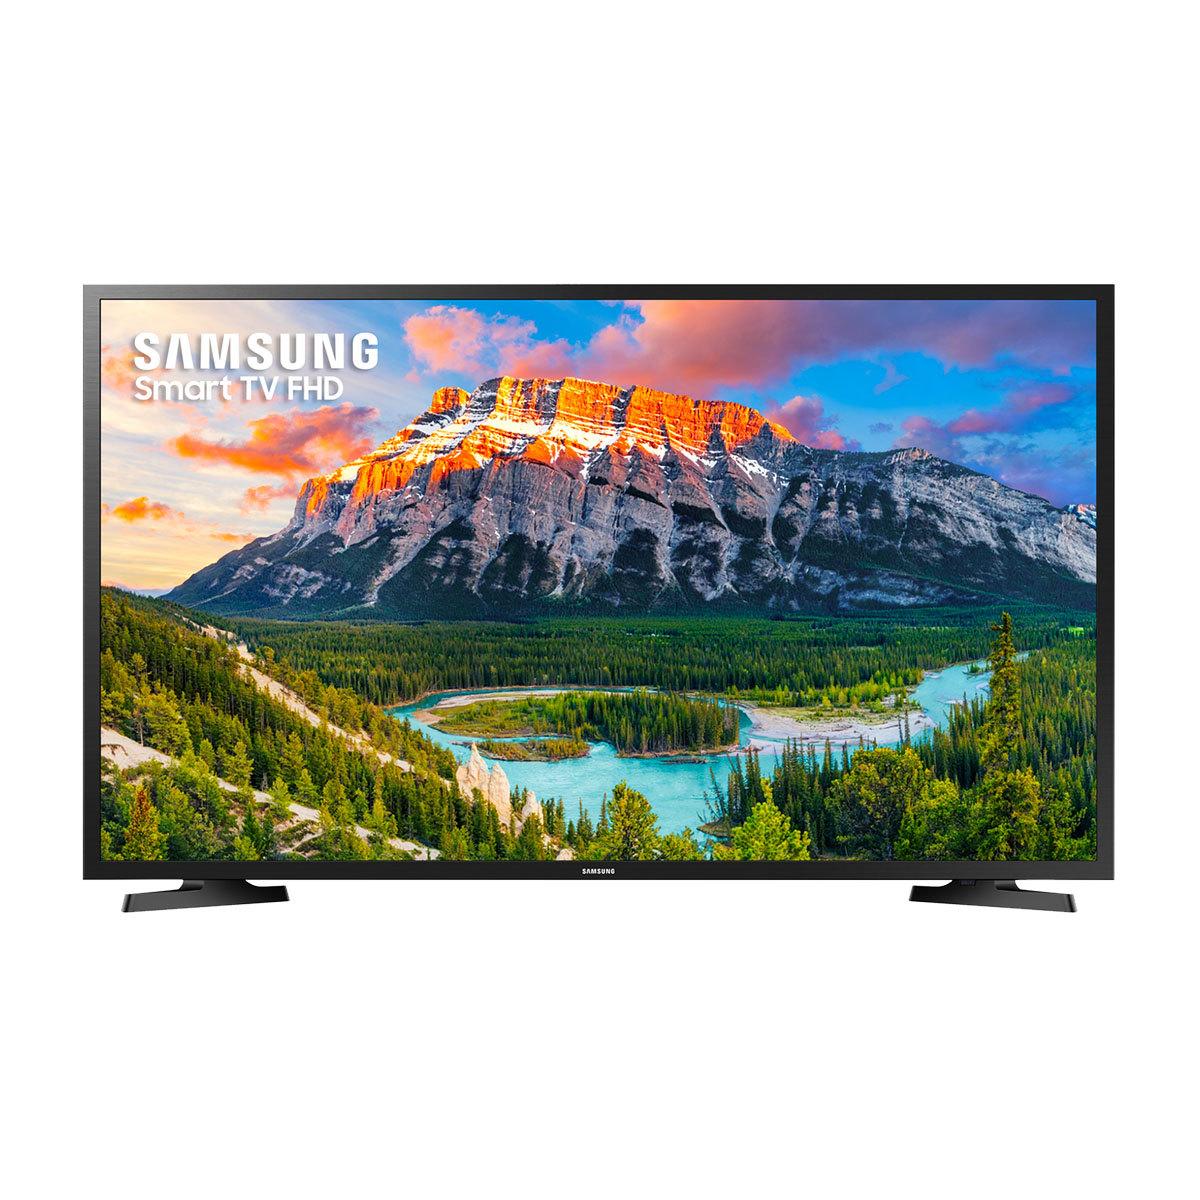 Smart TV LED 43″ Samsung UN43J5290AGXZD Full HD 2 HDMI 1 USB Preta com Conversor Digital Integrado